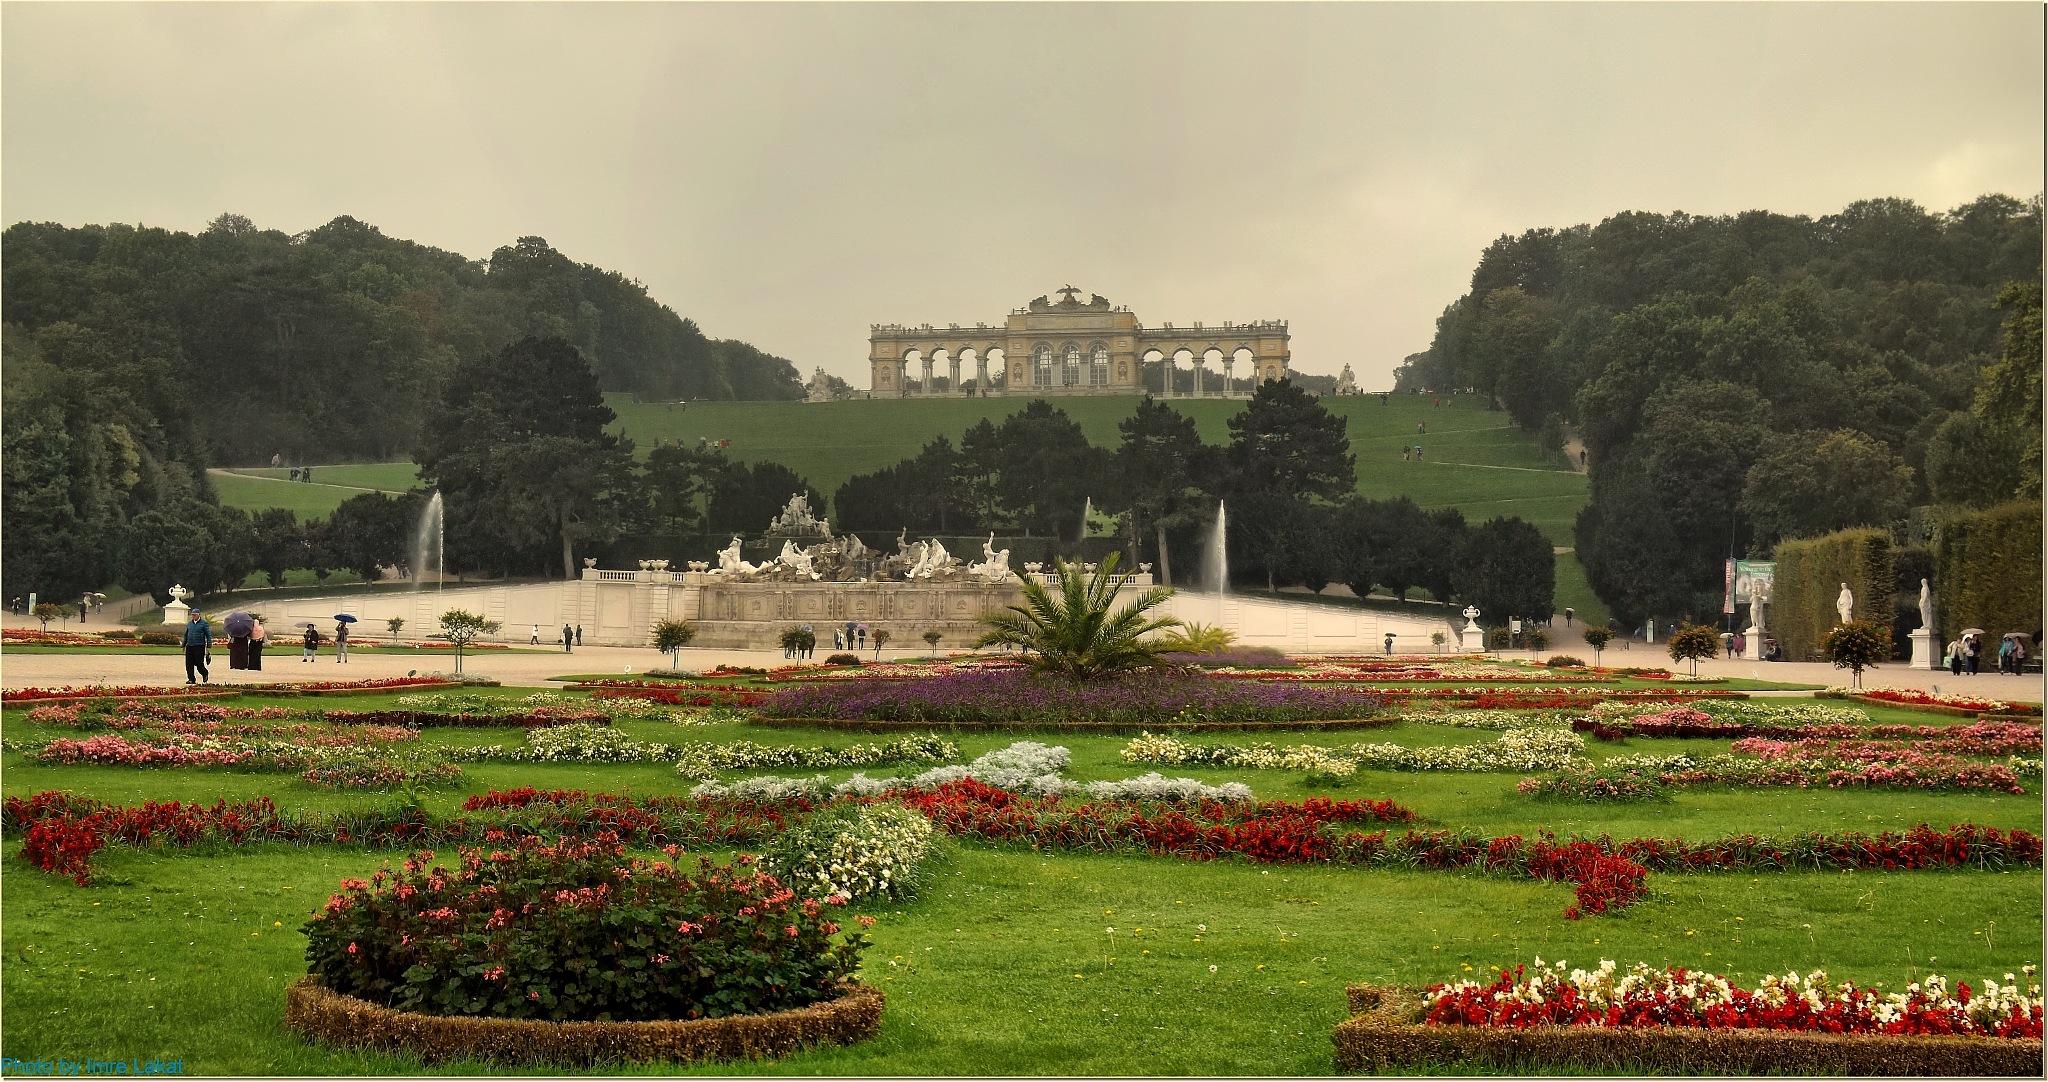 Schonbrunn Palace Gloriette ...Schönbrunner Schloßstraße 47, 1130 Wien, Ausztria (9) by Imre Lakat